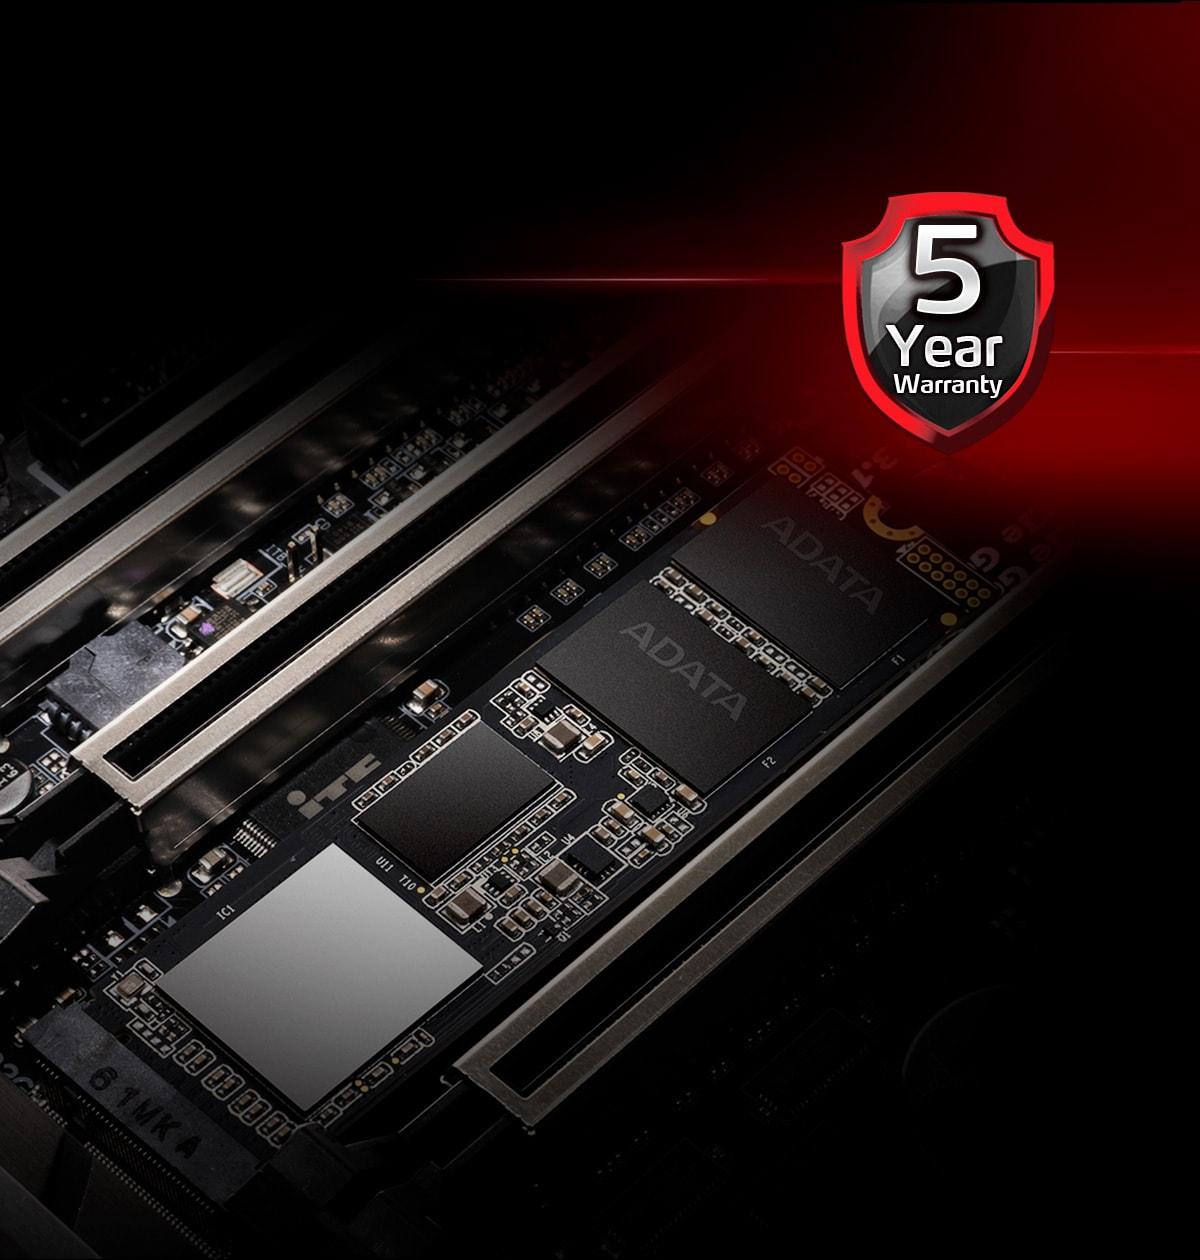 مشخصات و قیمت قیمت اس اس دی اینترنال مدل SX8200 Pro ظرفیت 1 ترابایت